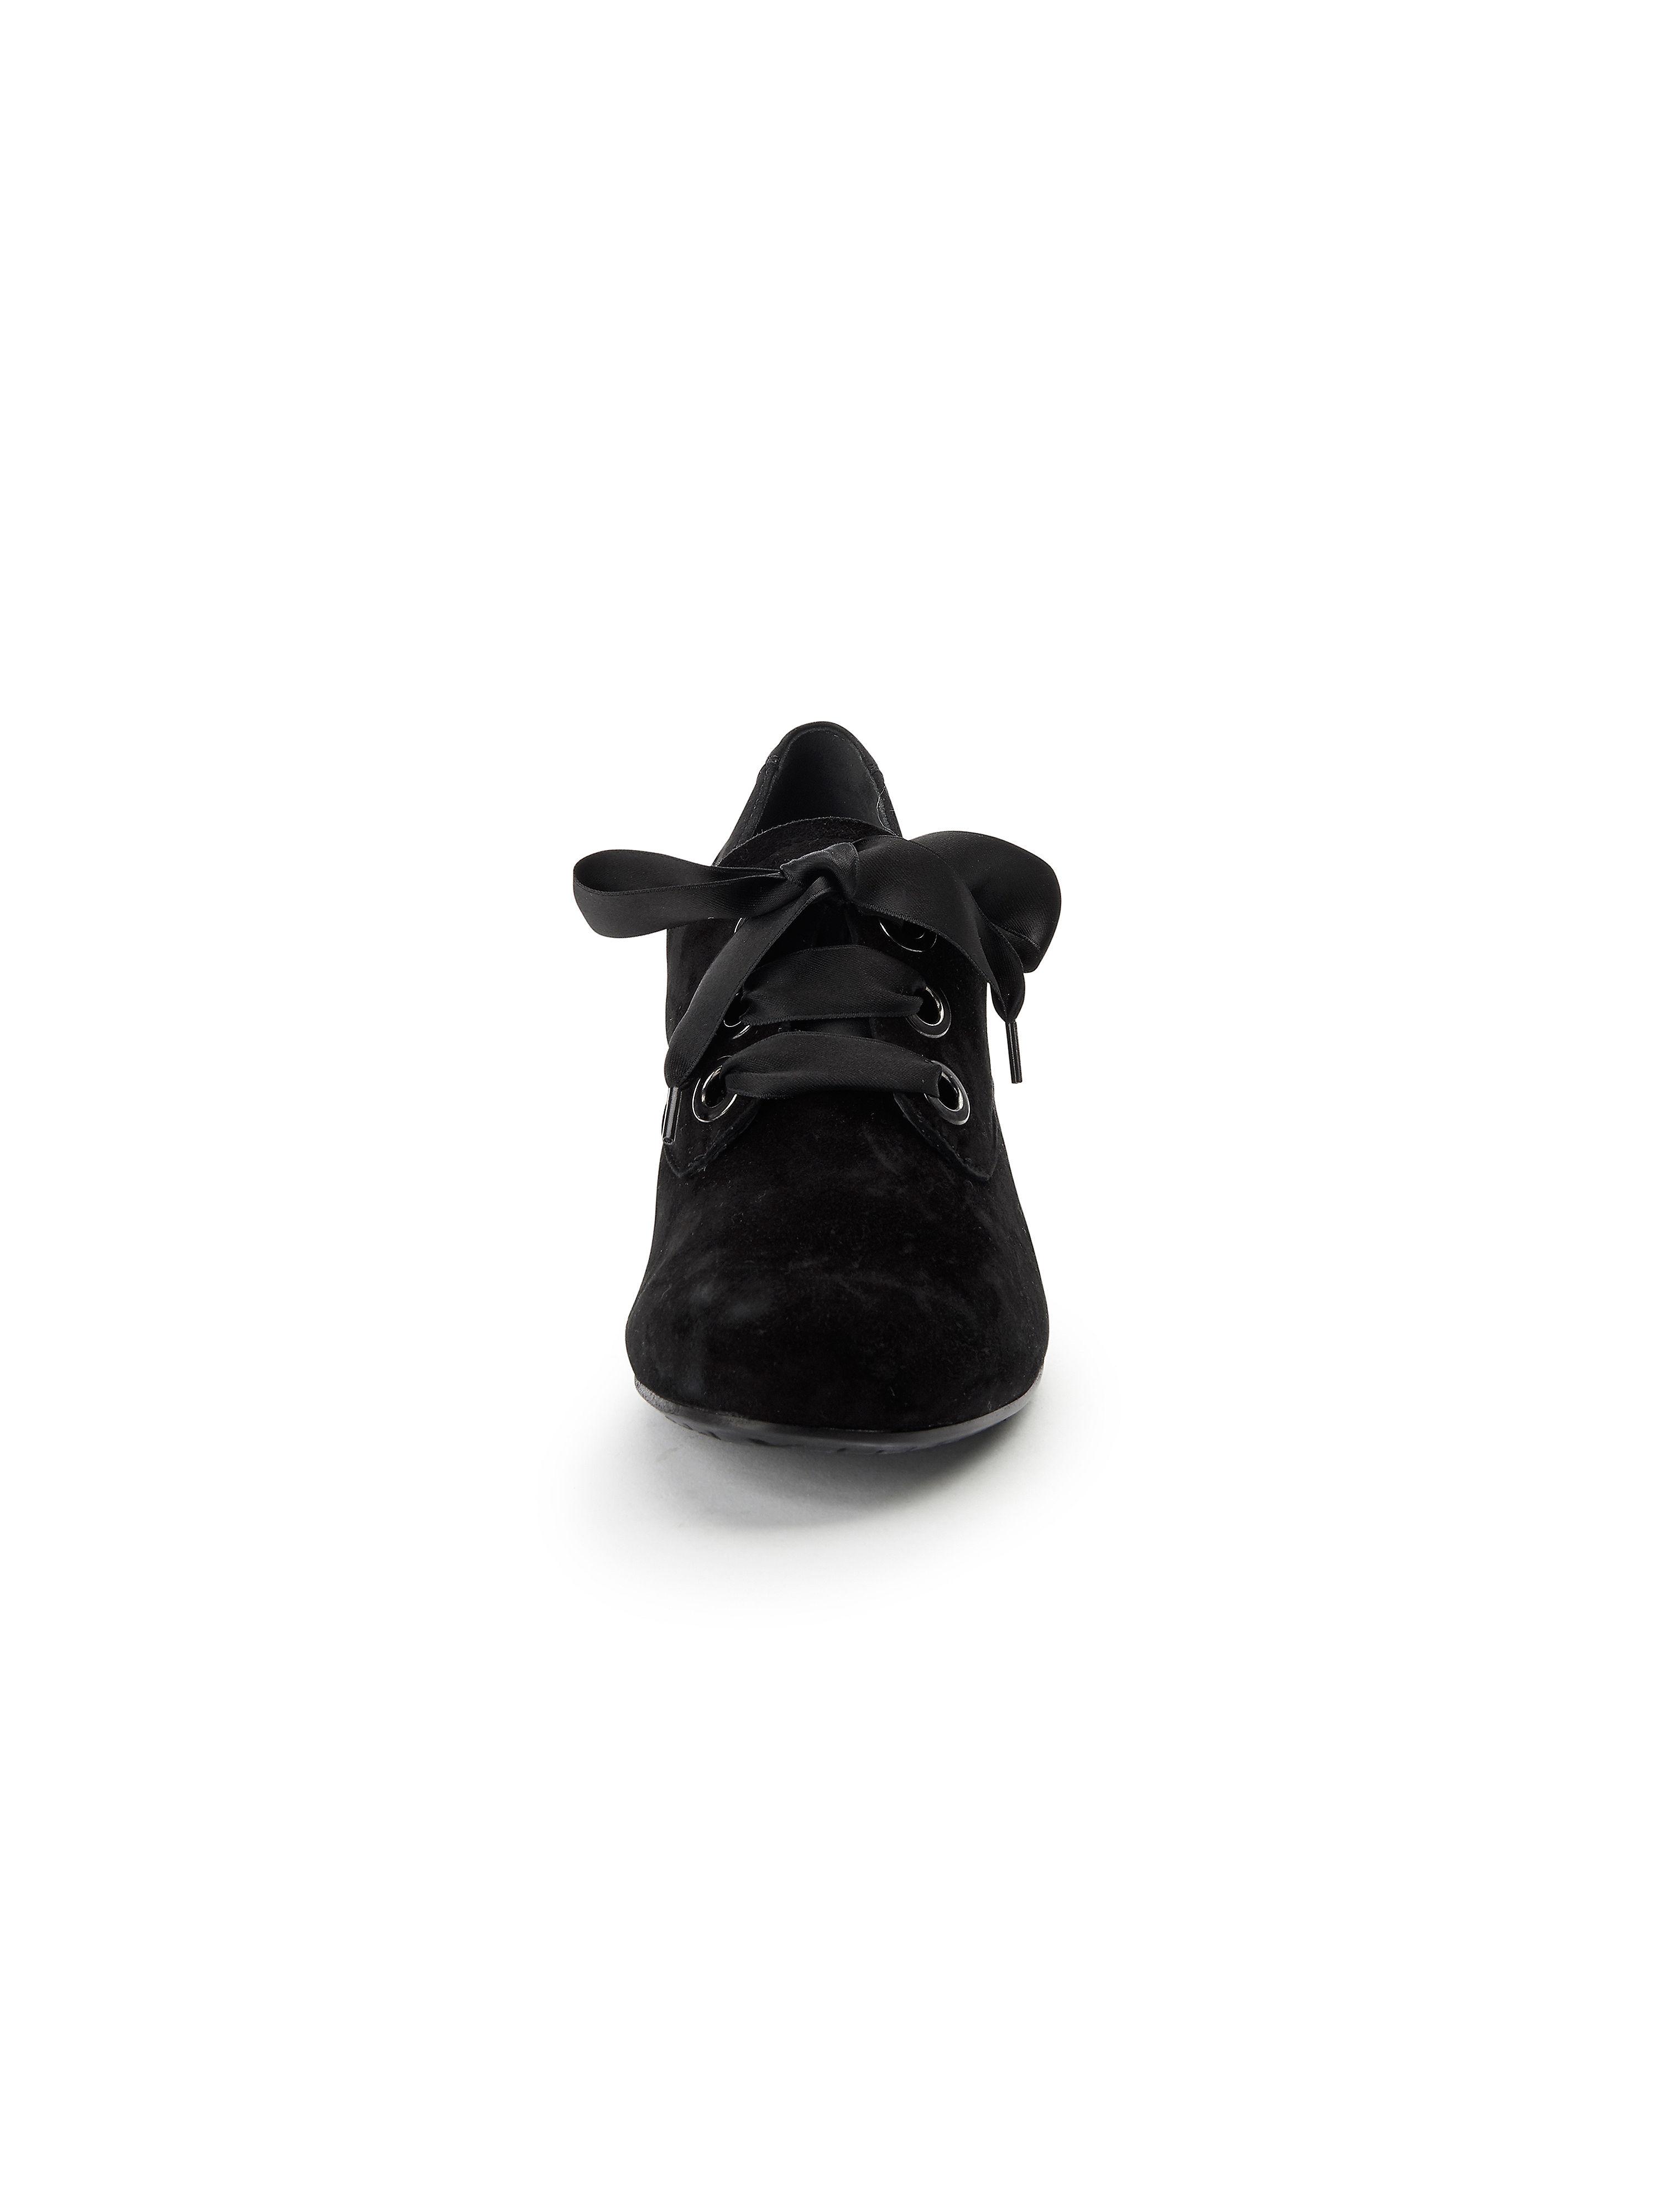 Semler - Schnür-Pumps - Karin aus 100% Leder - Schnür-Pumps Schwarz Gute Qualität beliebte Schuhe c78f1b